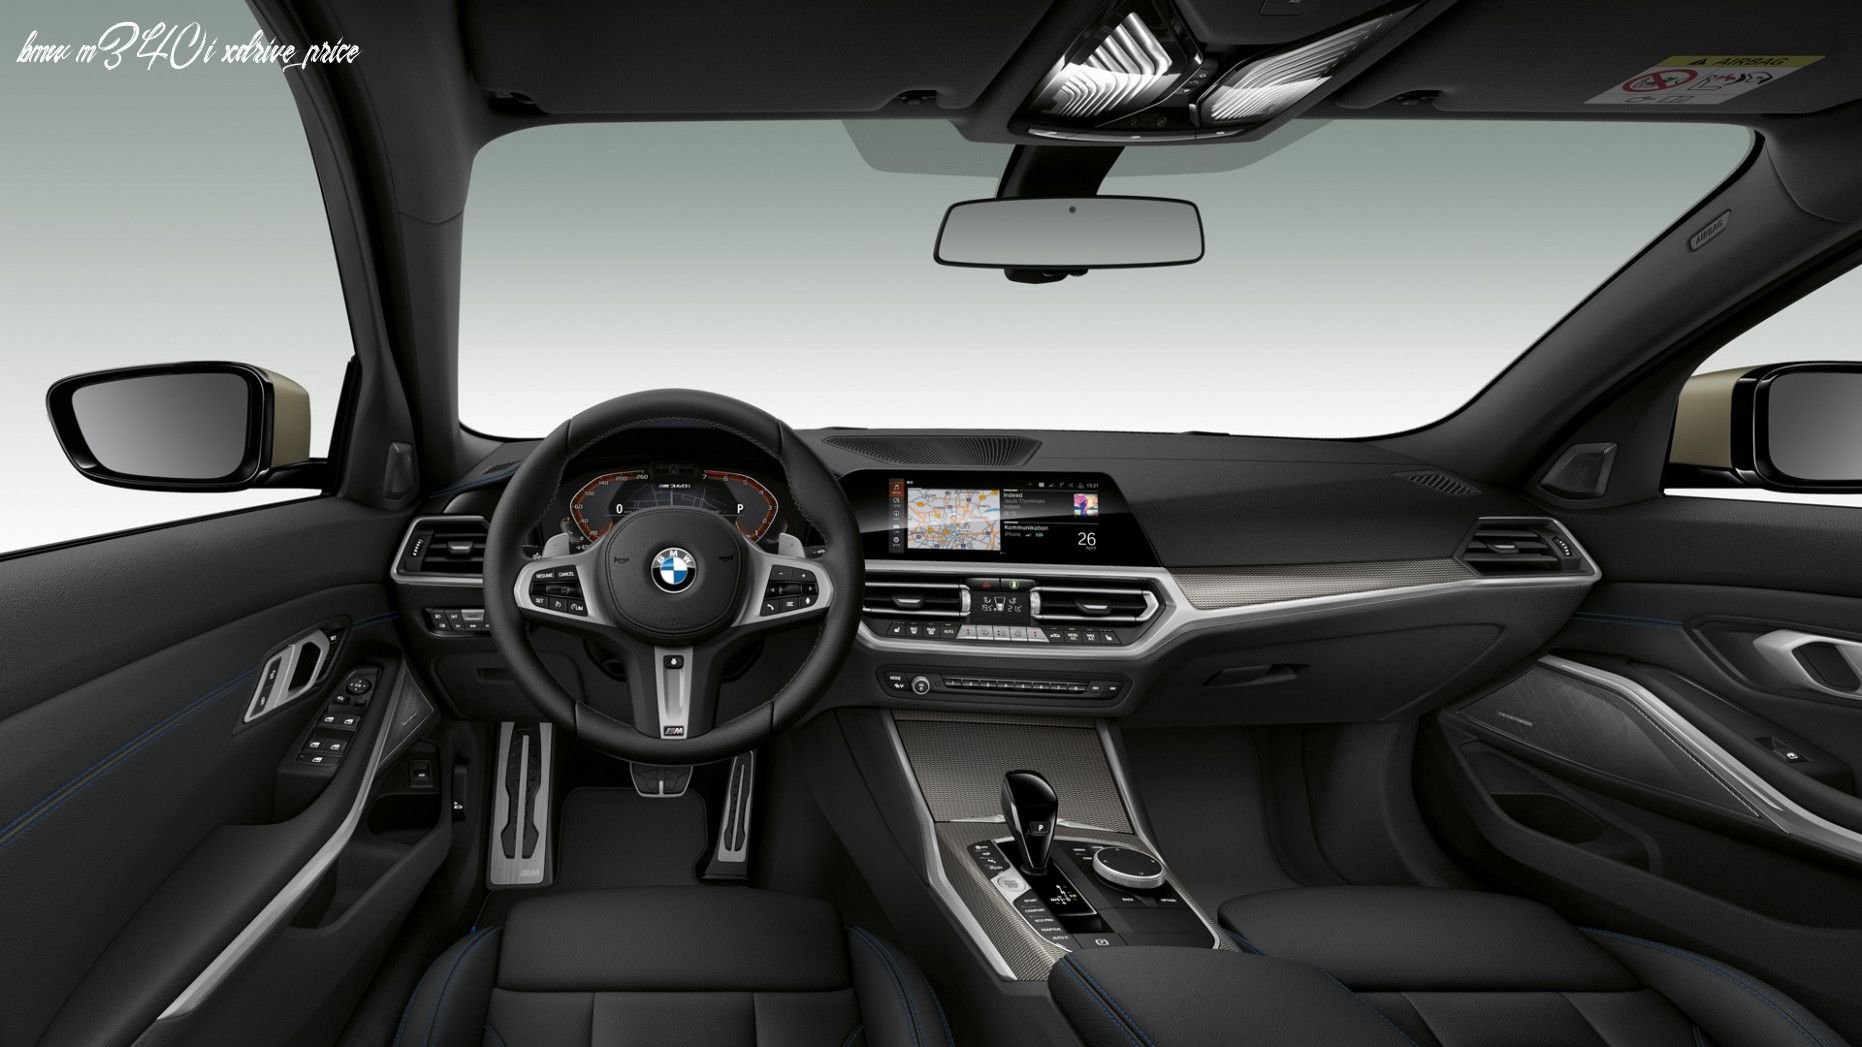 Bmw M340i Xdrive Price In 2020 Bmw Bmw 3 Series Best New Cars